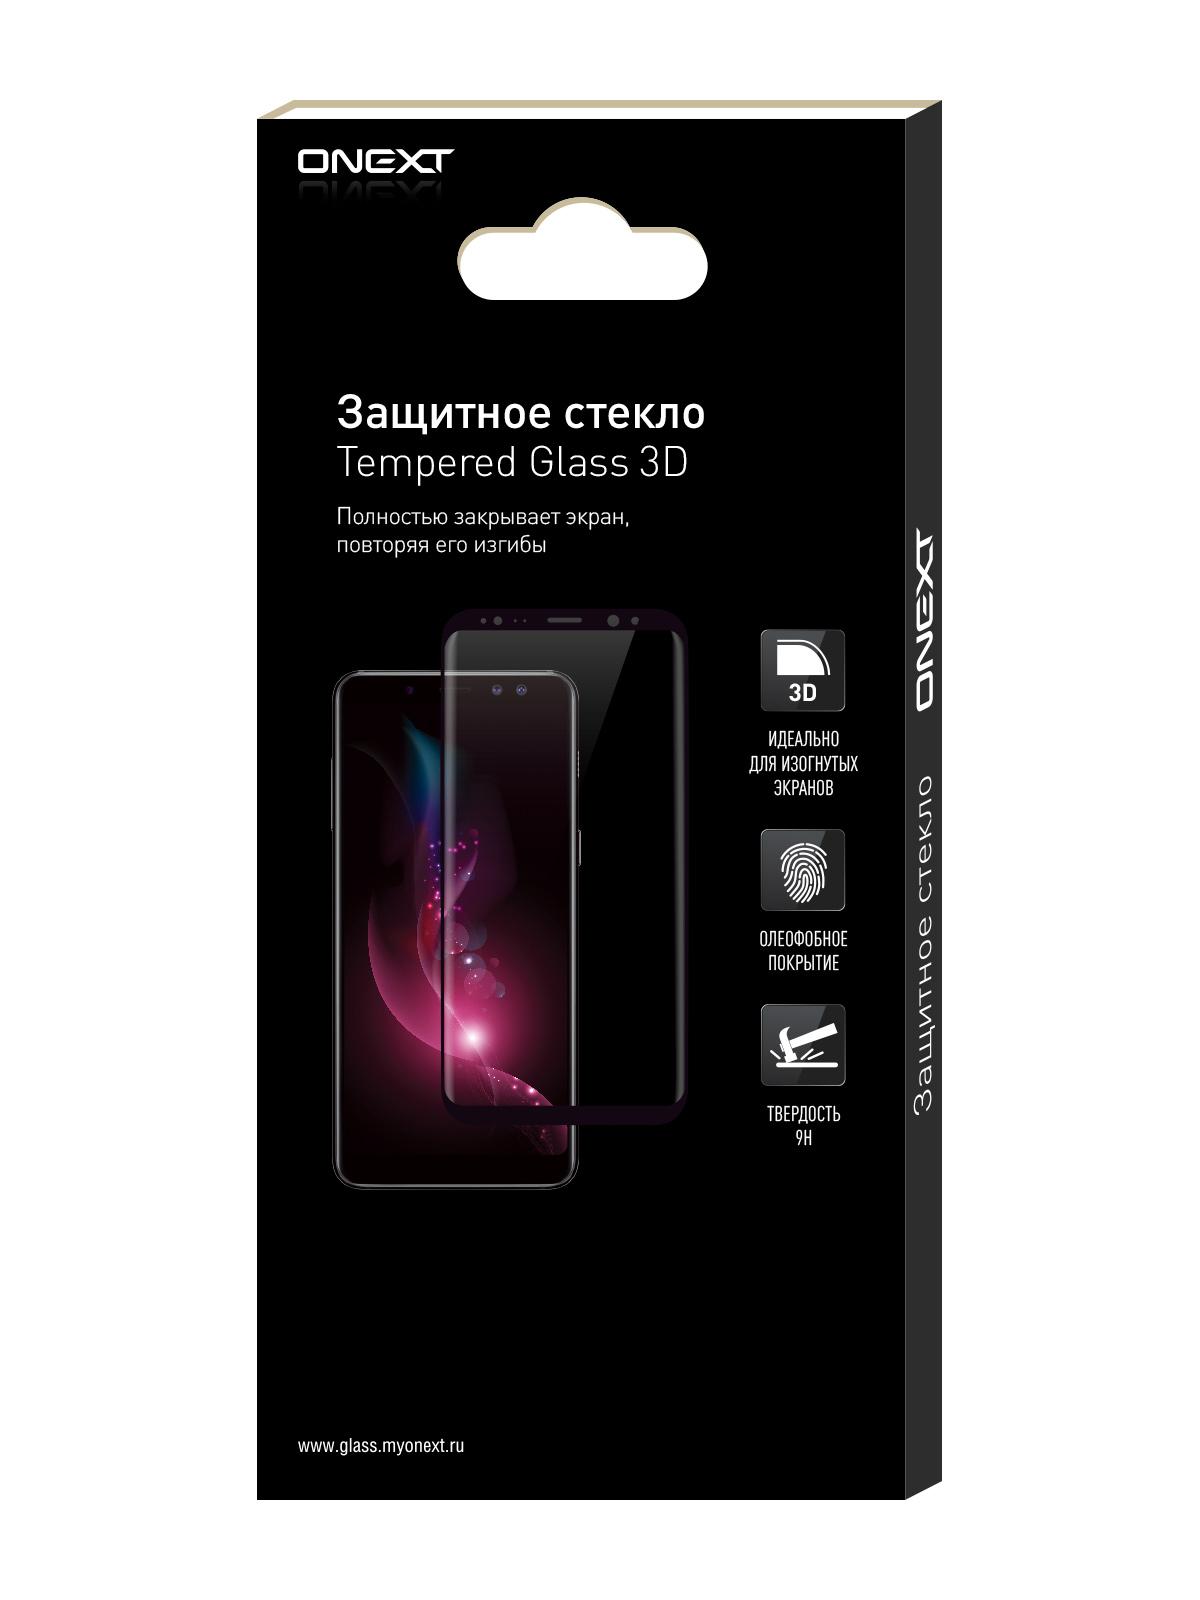 Защитное стекло ONEXT для Huawei Honor Magic 2 (2018) Black